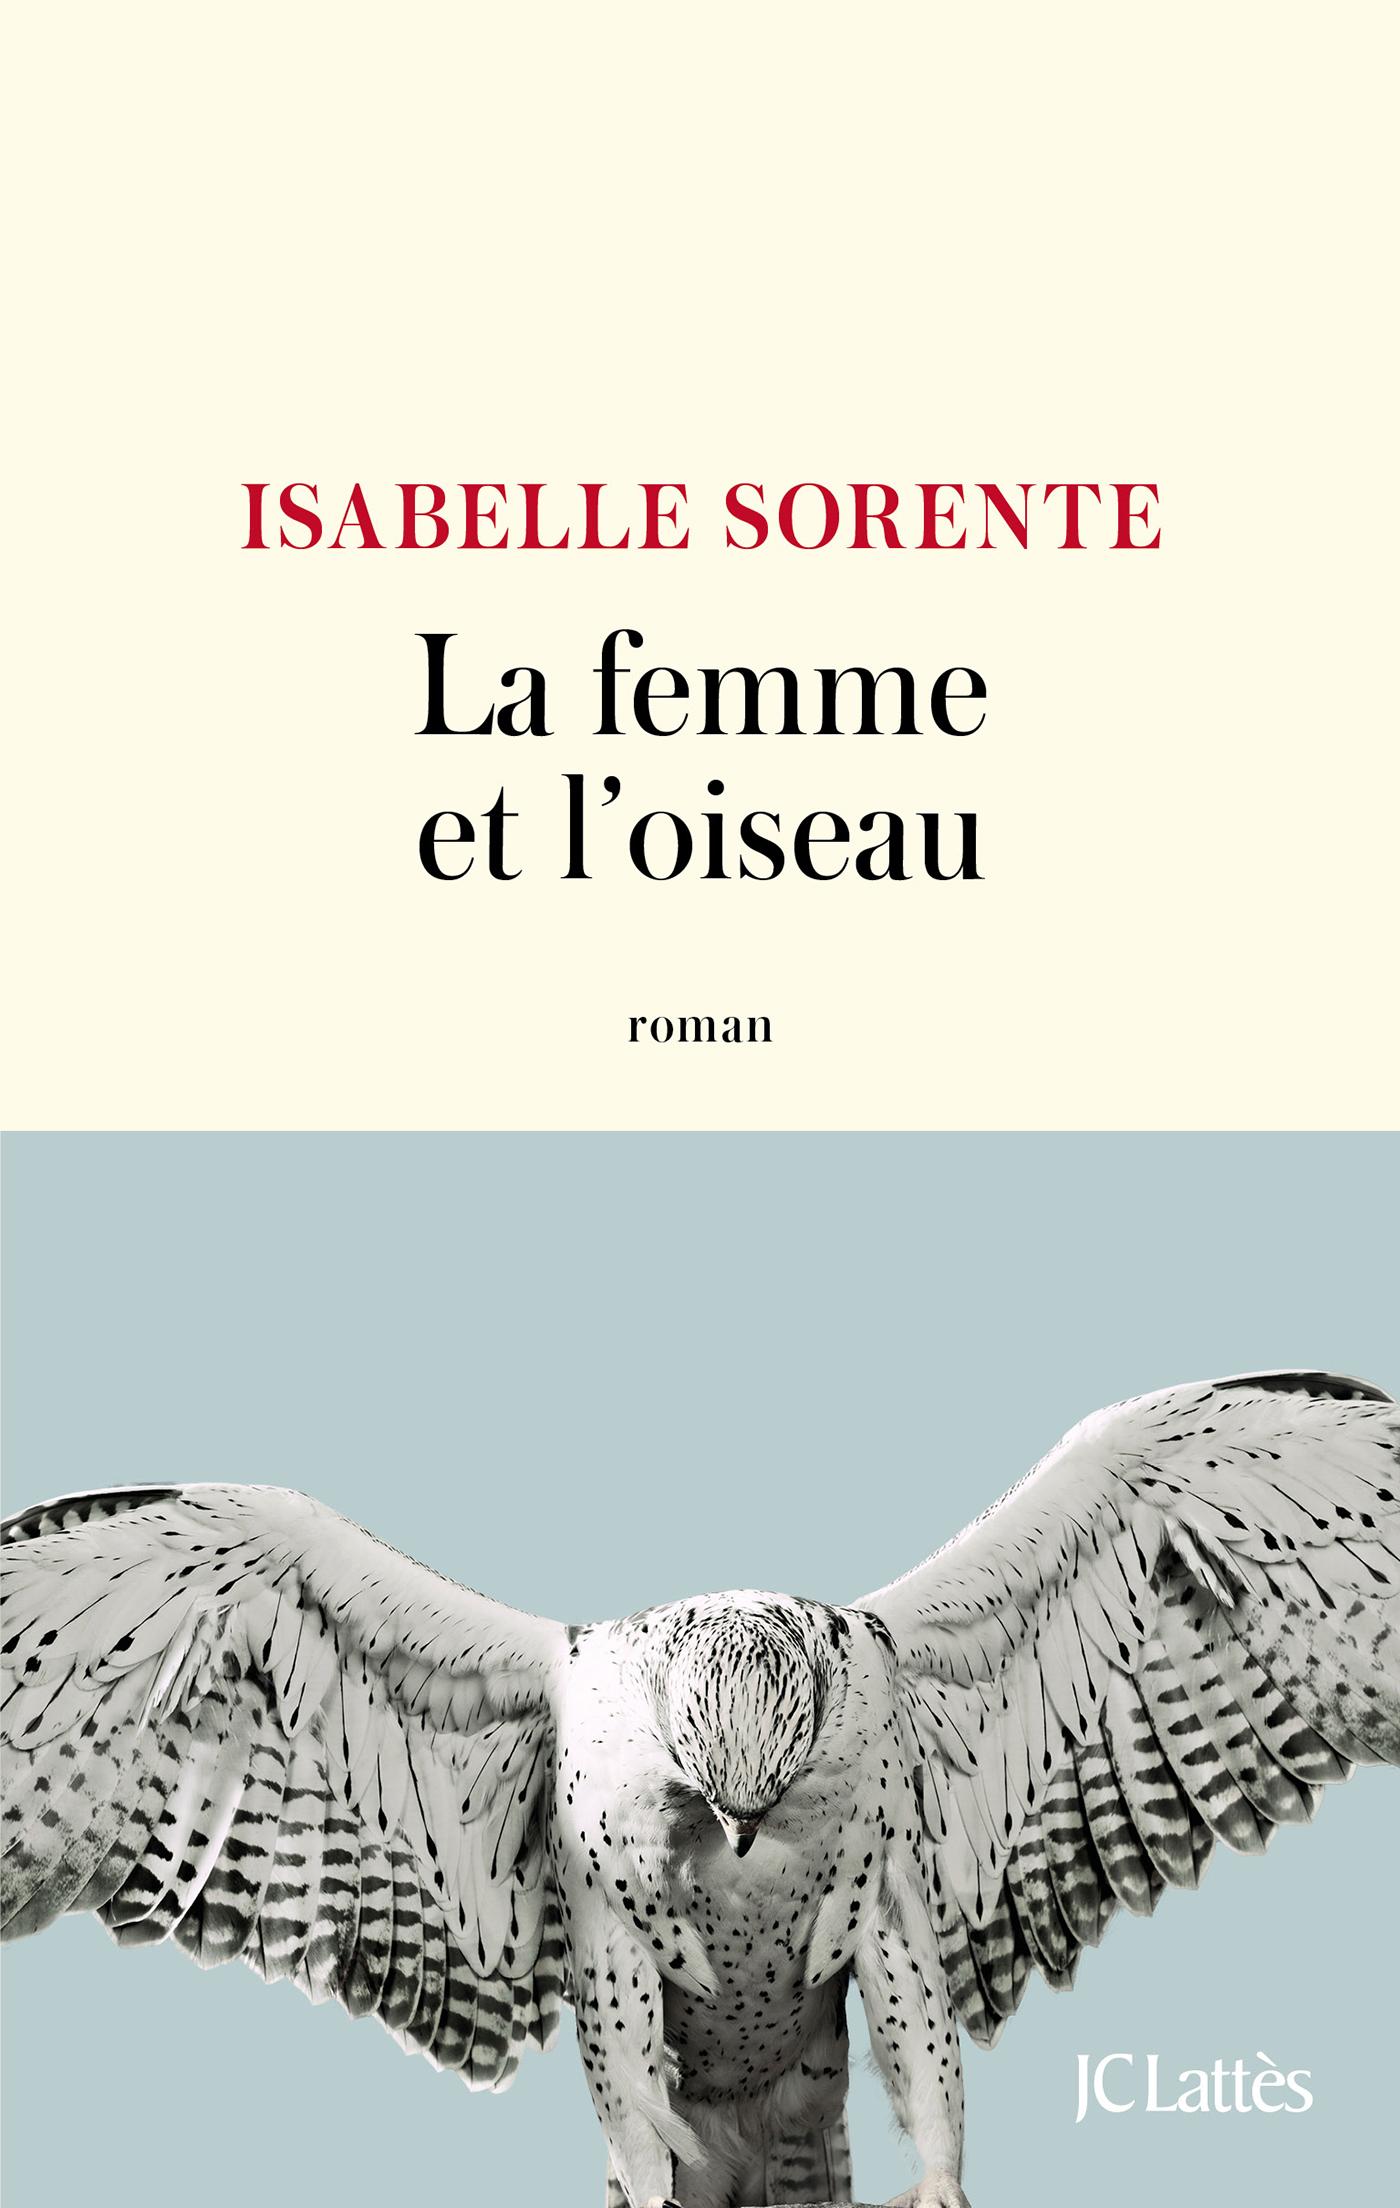 La femme et l'oiseau | Sorente, Isabelle